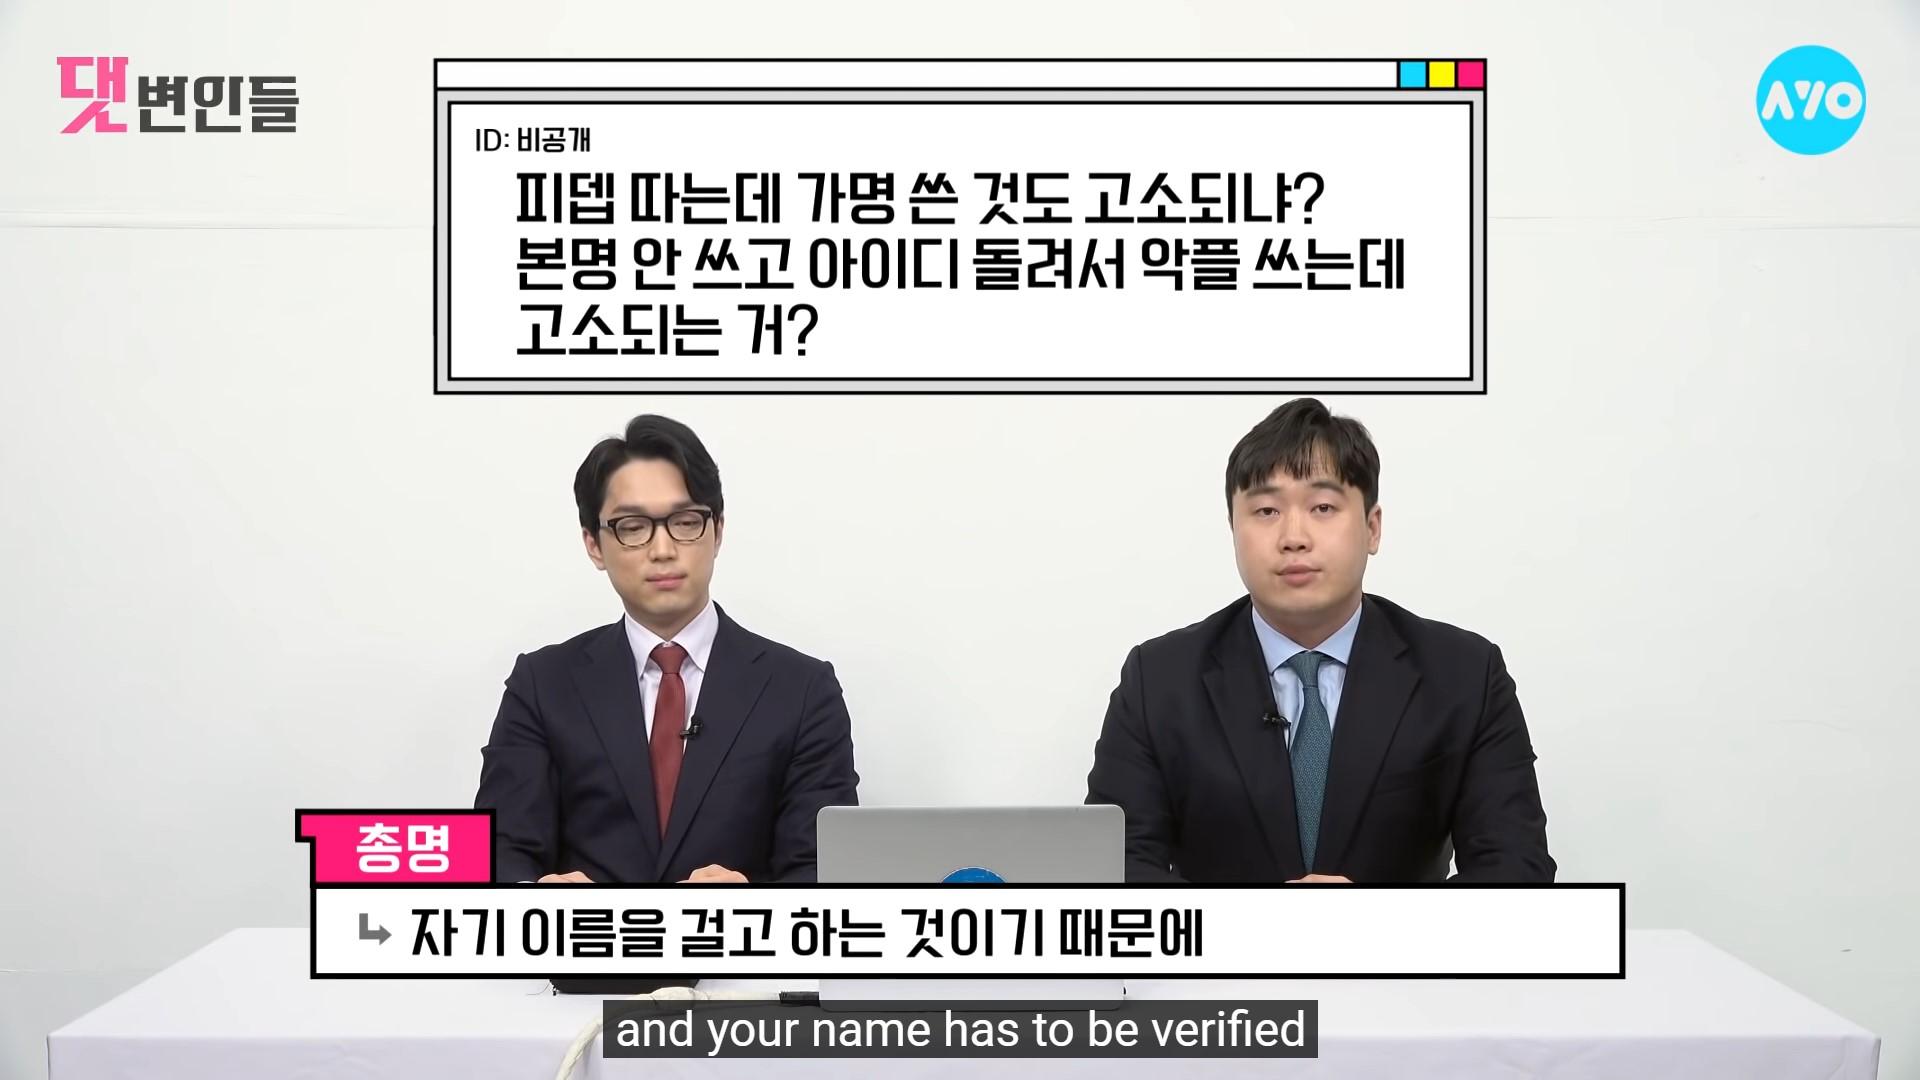 2 ayo comment defenders ko seung woo jeong chong myeong